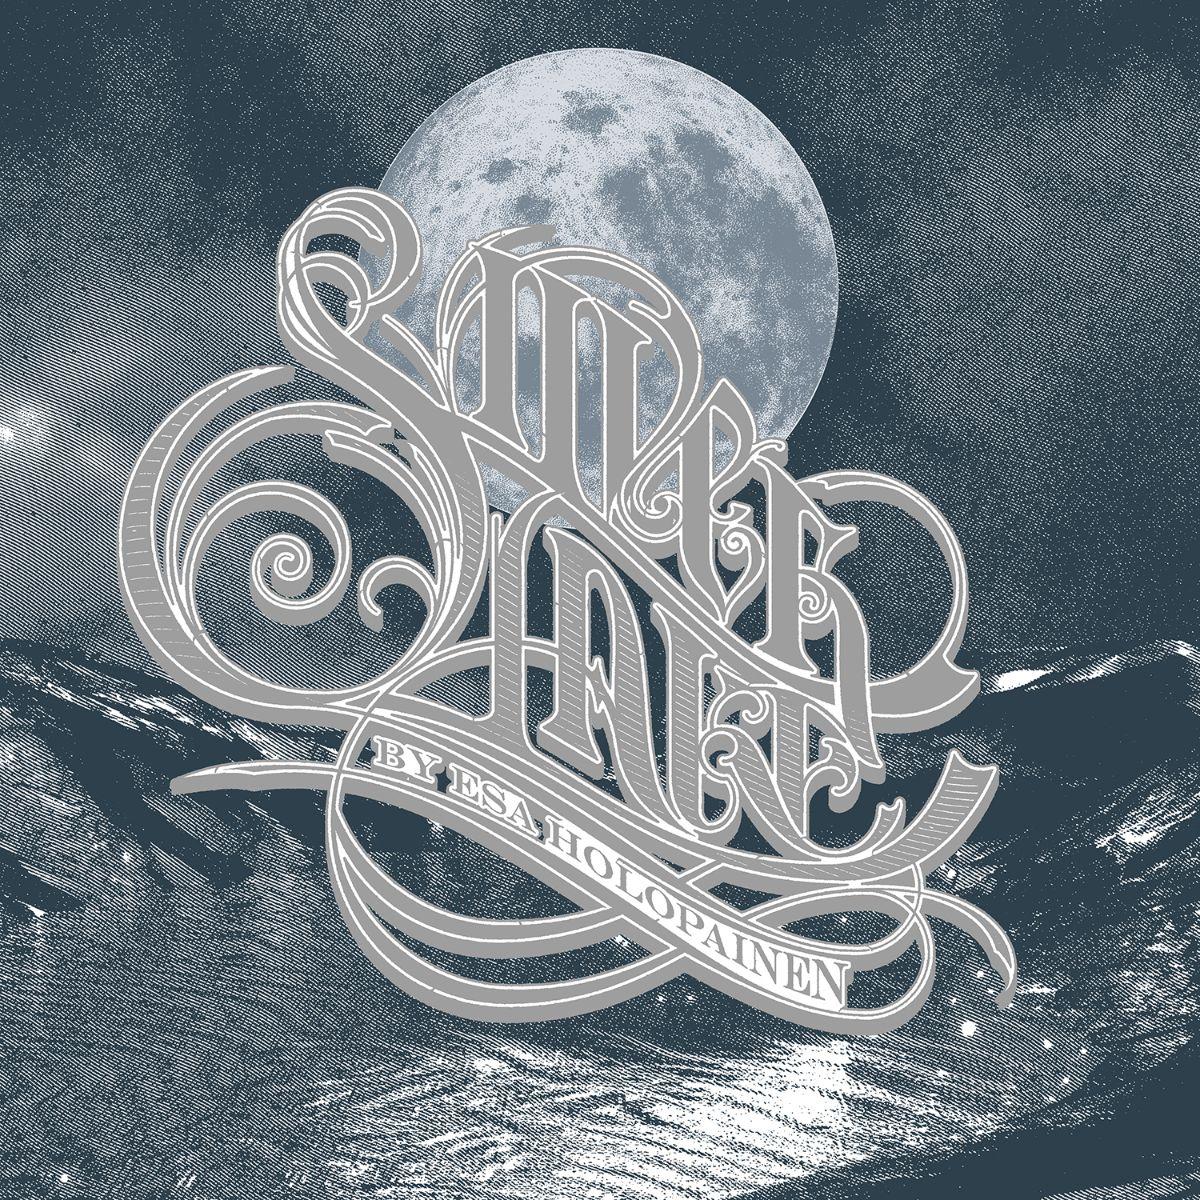 silver-lake-by-esa-holopainen-amorphis-gitarrist-veroeffentlicht-die-erste-single-und-video-storm-seines-debutalbums